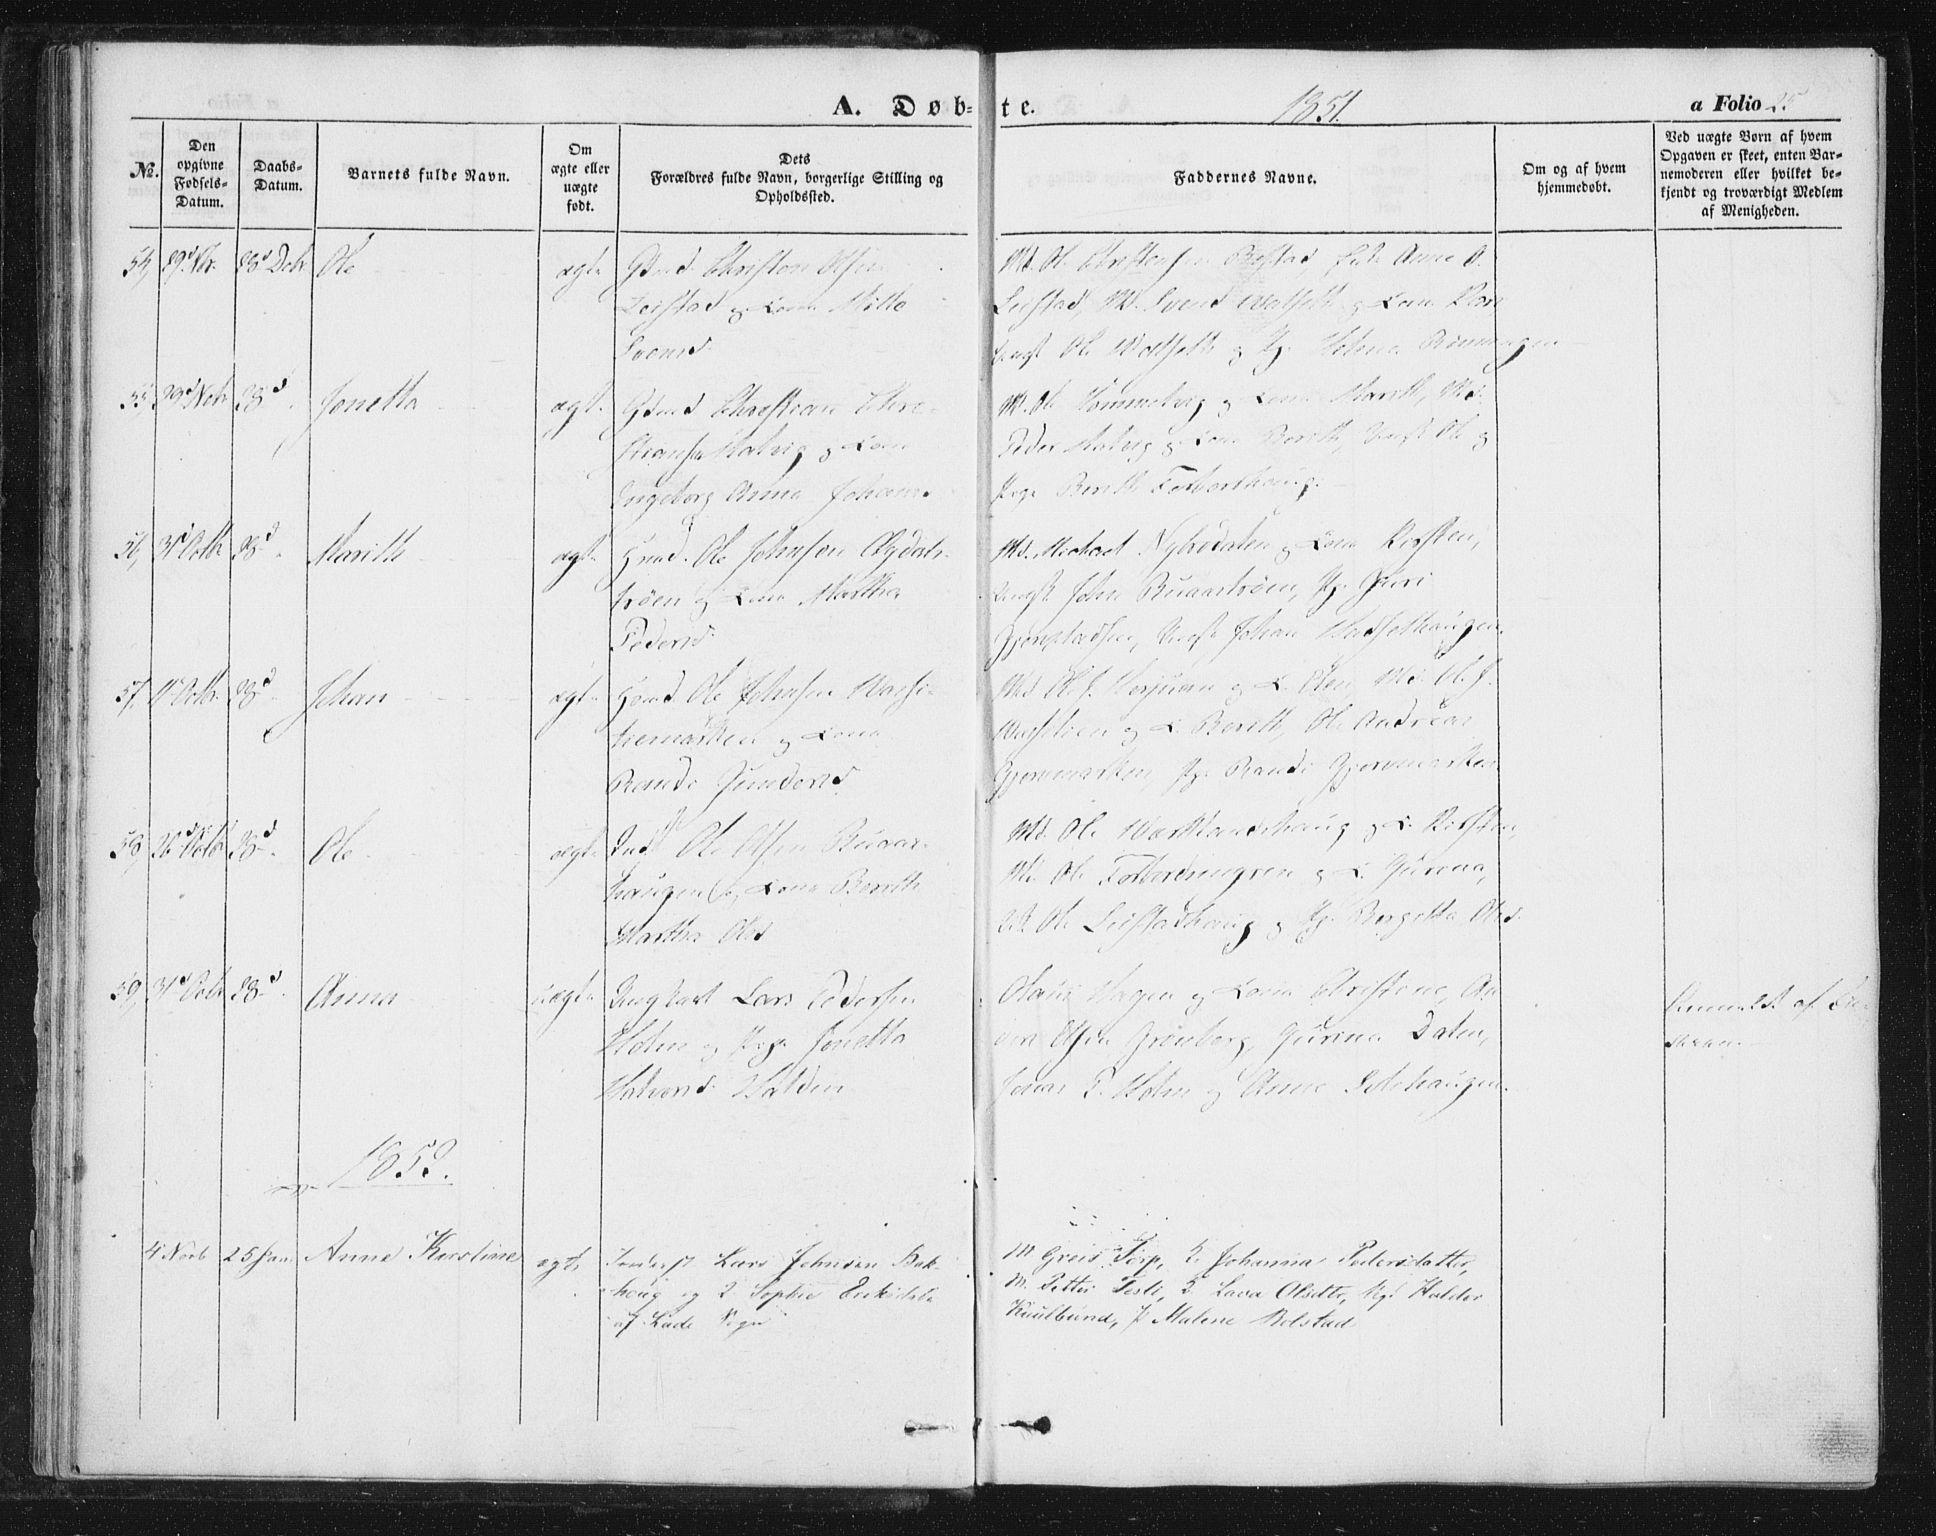 SAT, Ministerialprotokoller, klokkerbøker og fødselsregistre - Sør-Trøndelag, 616/L0407: Ministerialbok nr. 616A04, 1848-1856, s. 25